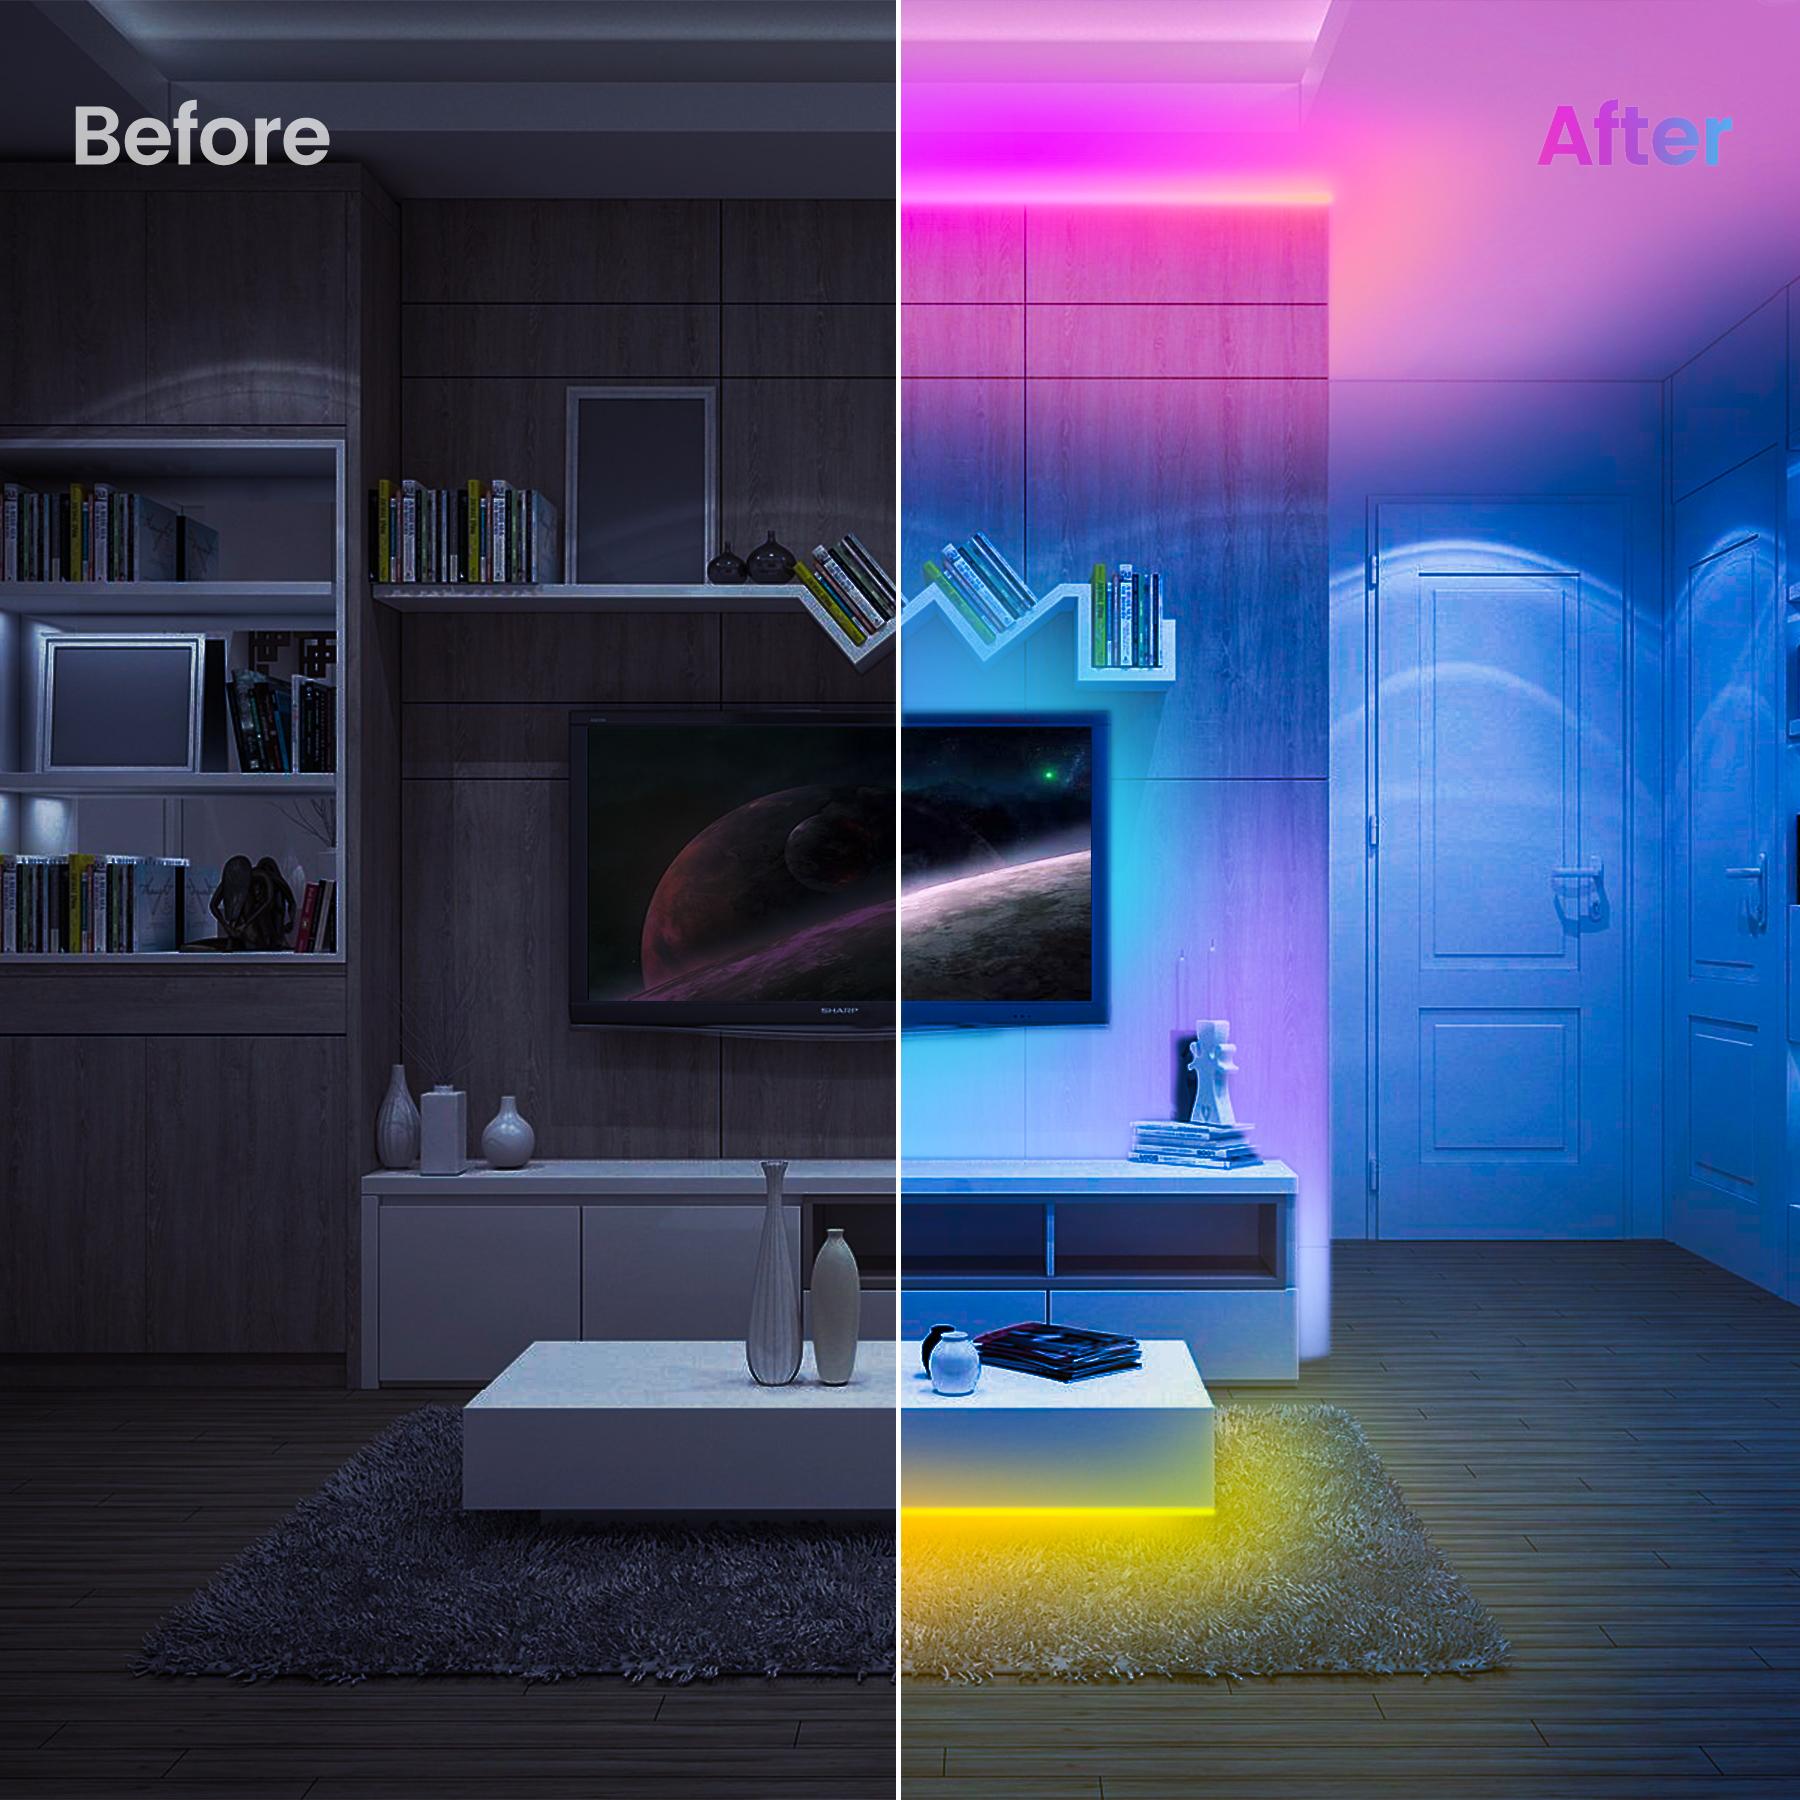 OSSLOVE 300LEDs RGB Color Changing LED Lights for Room